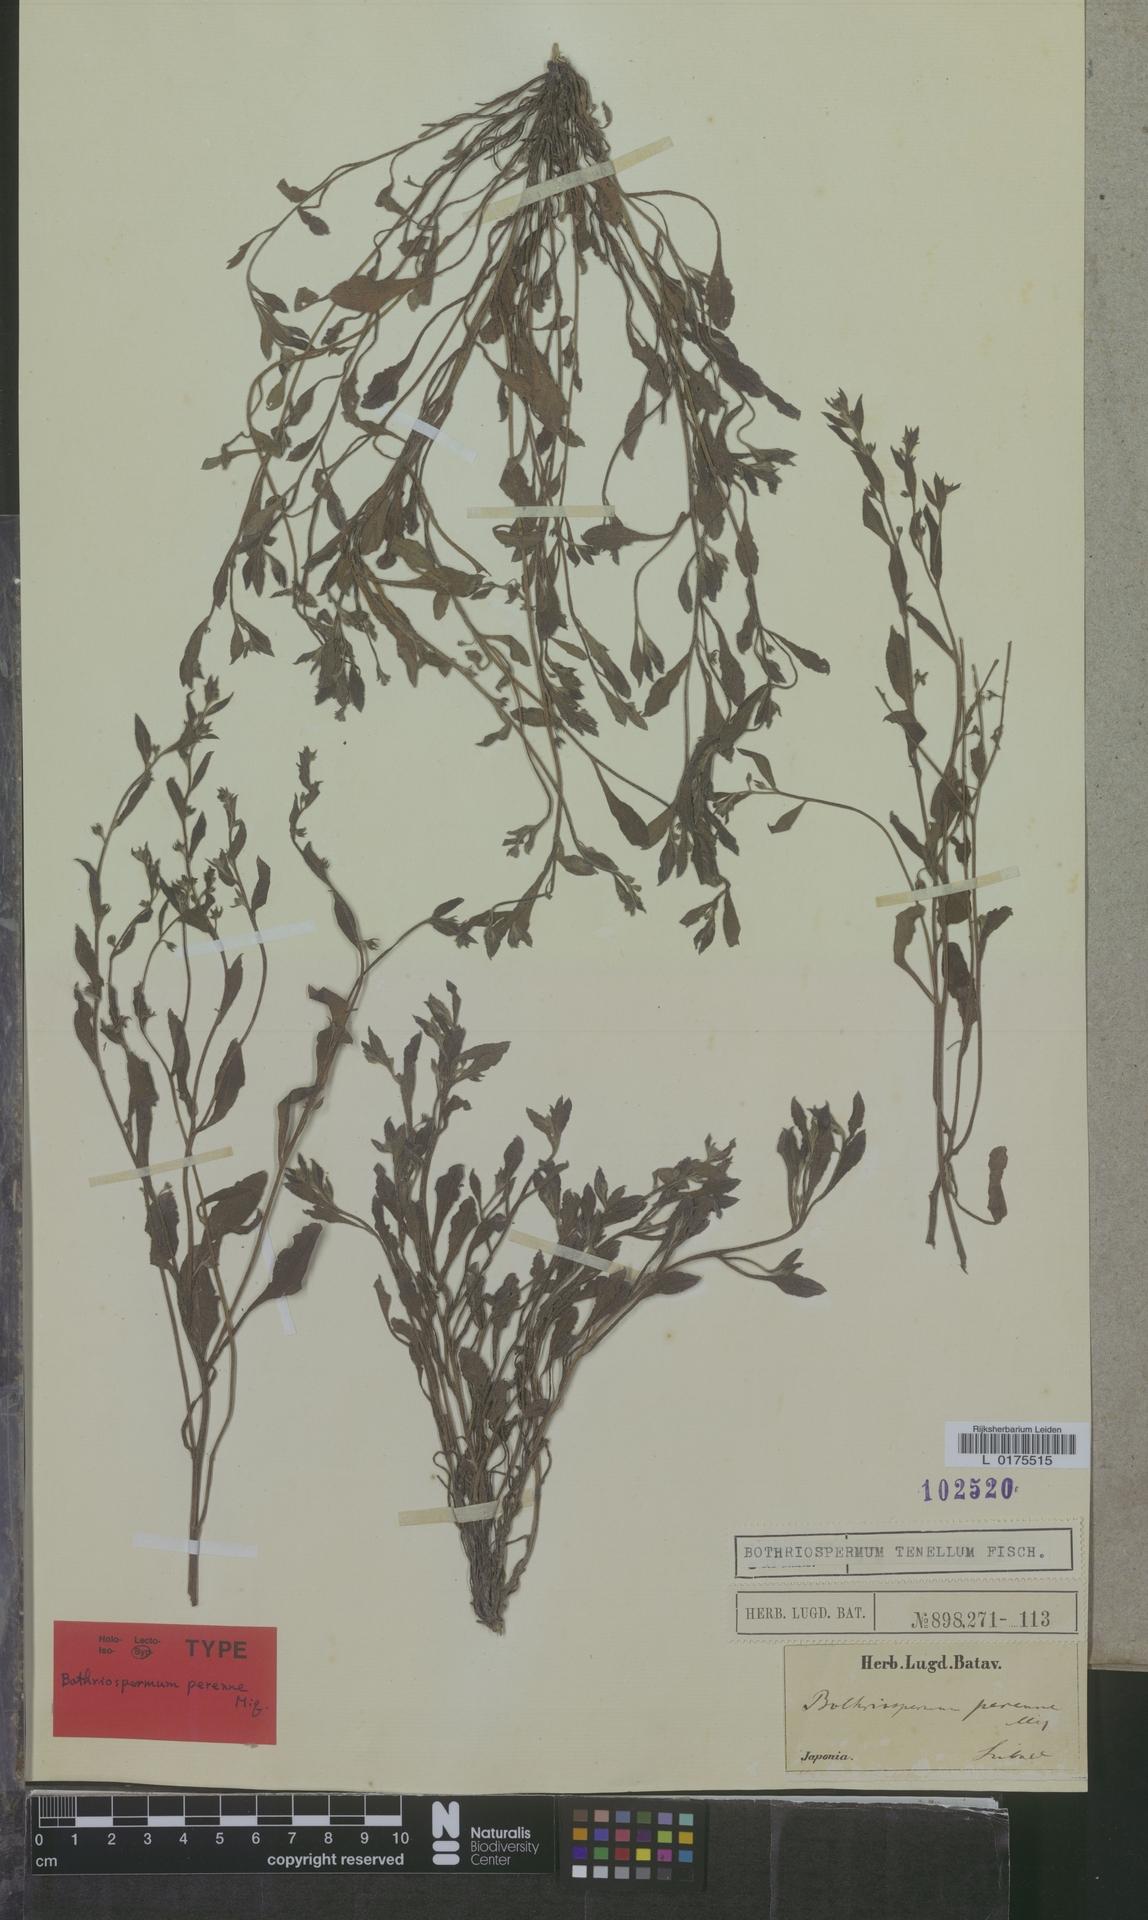 L  0175515   Bothriospermum tenellum Fisch.